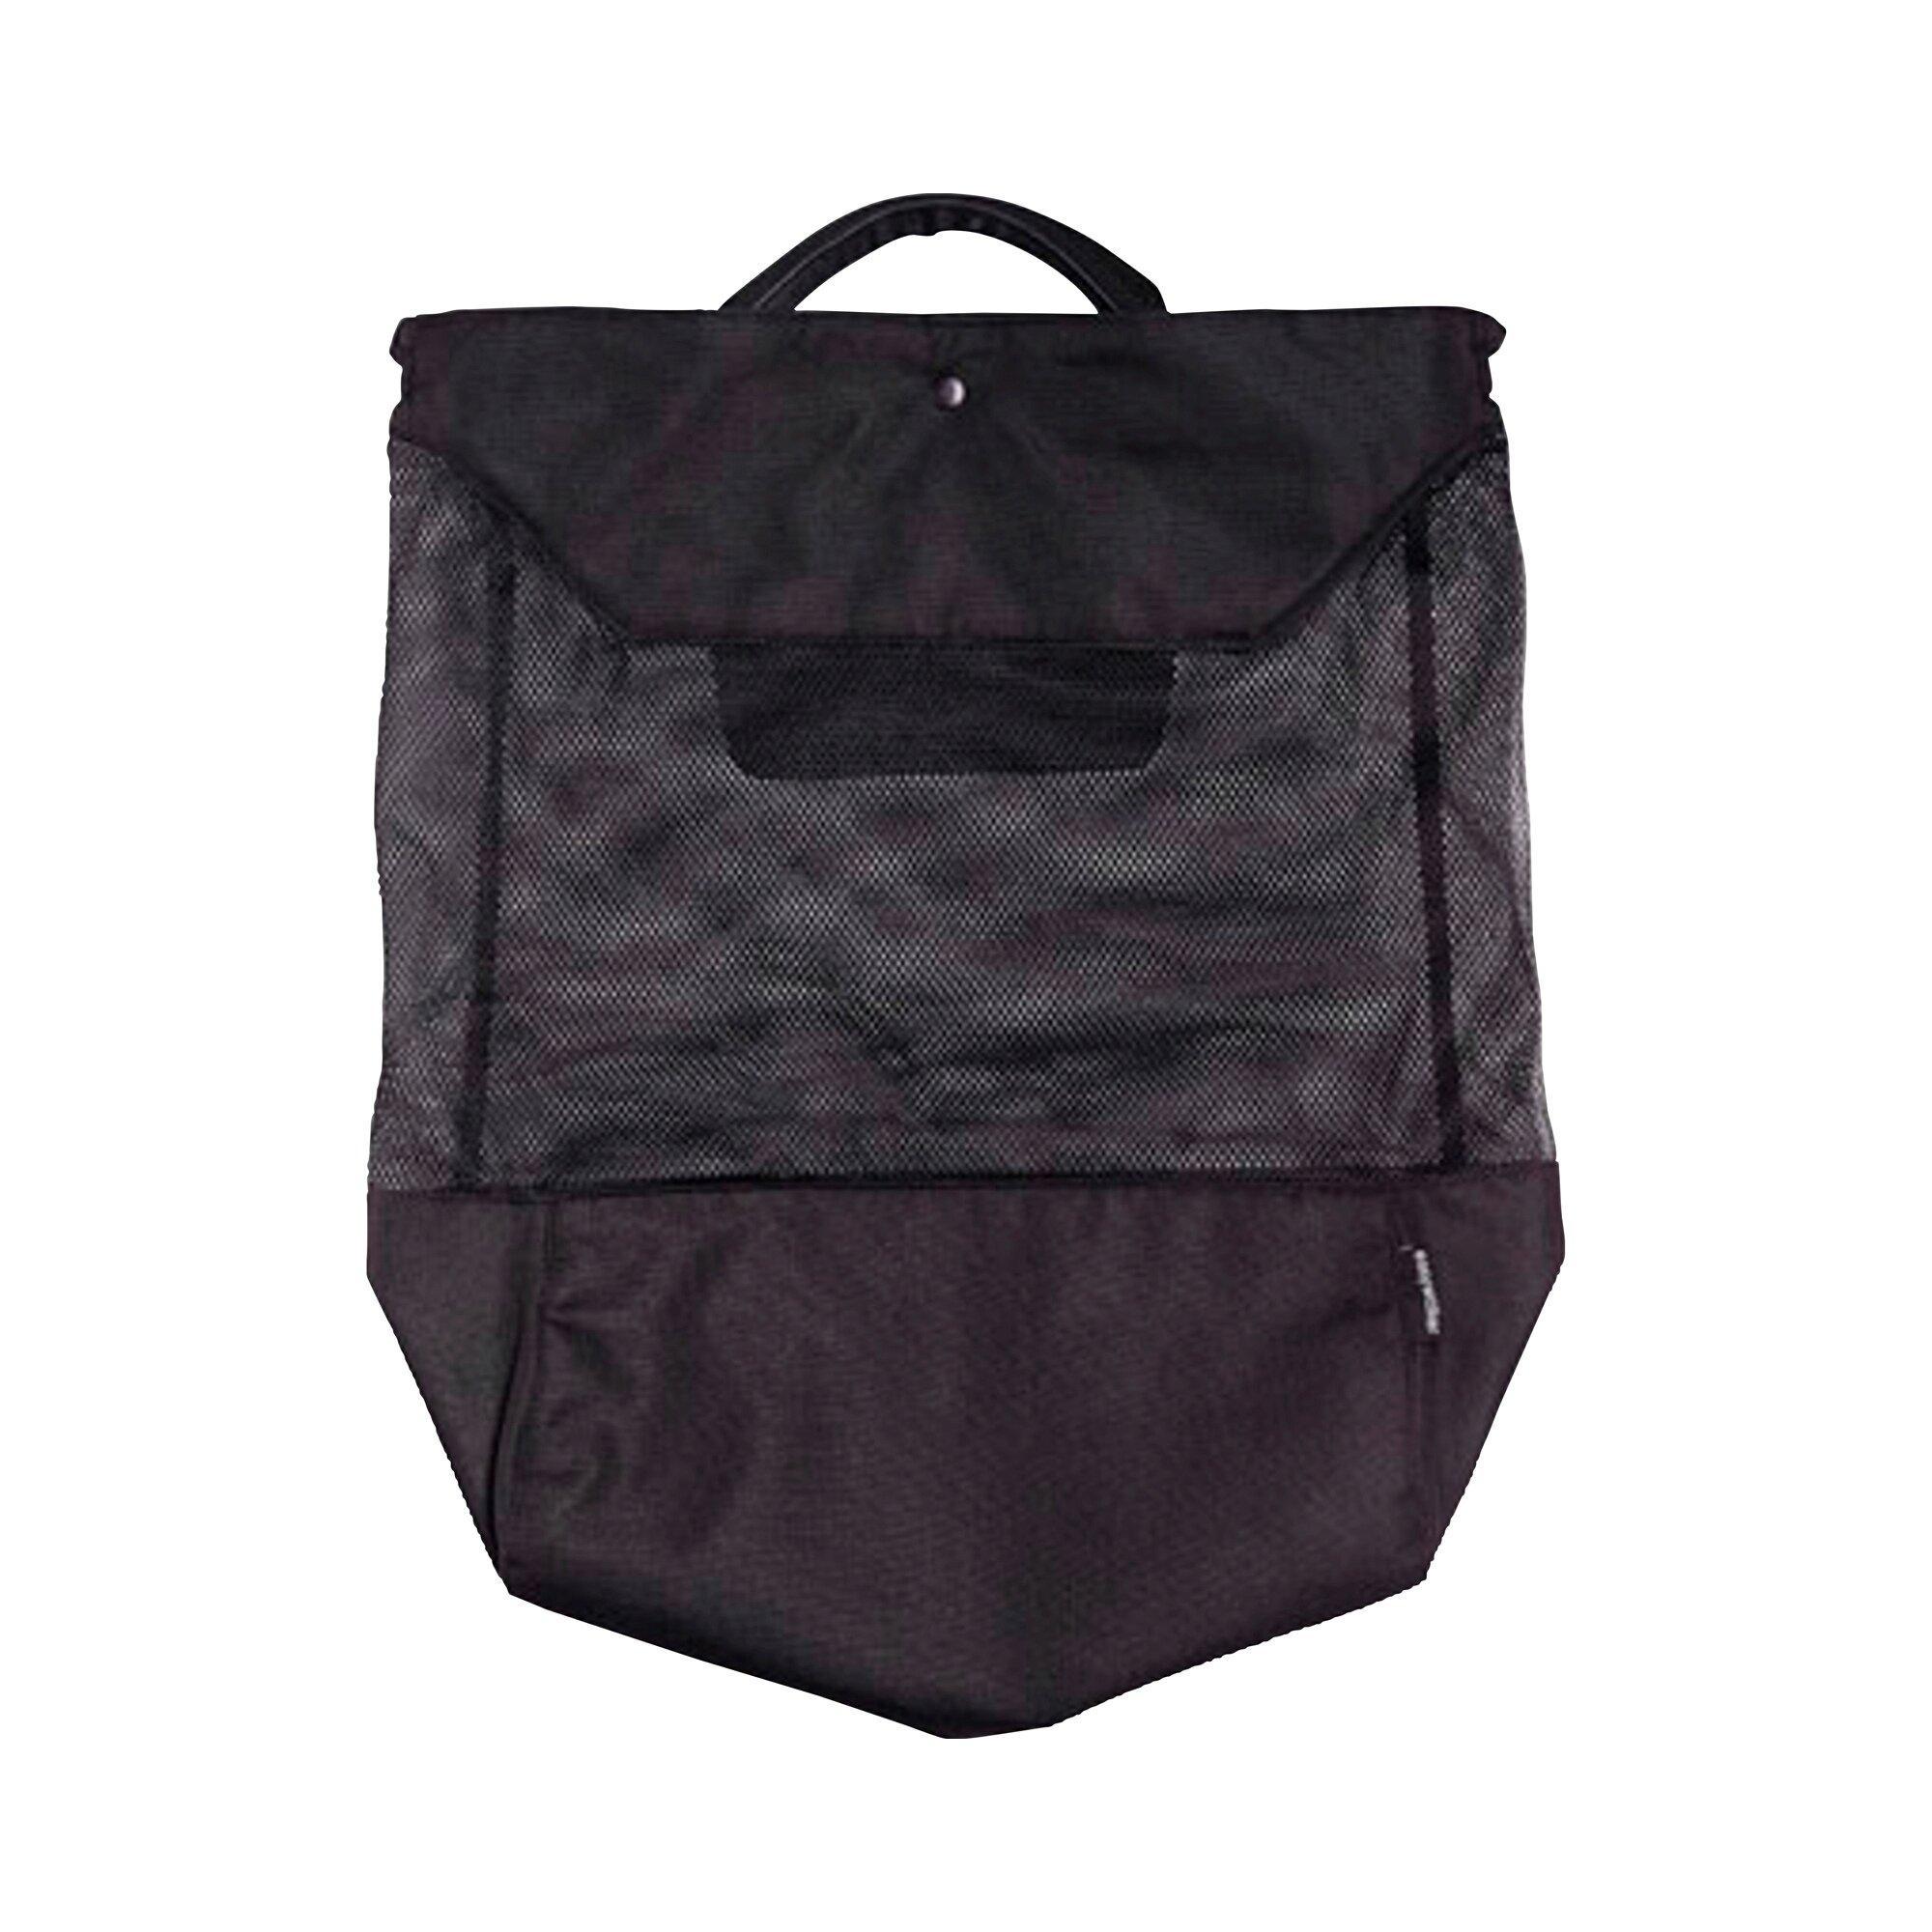 XL Einkaufstasche